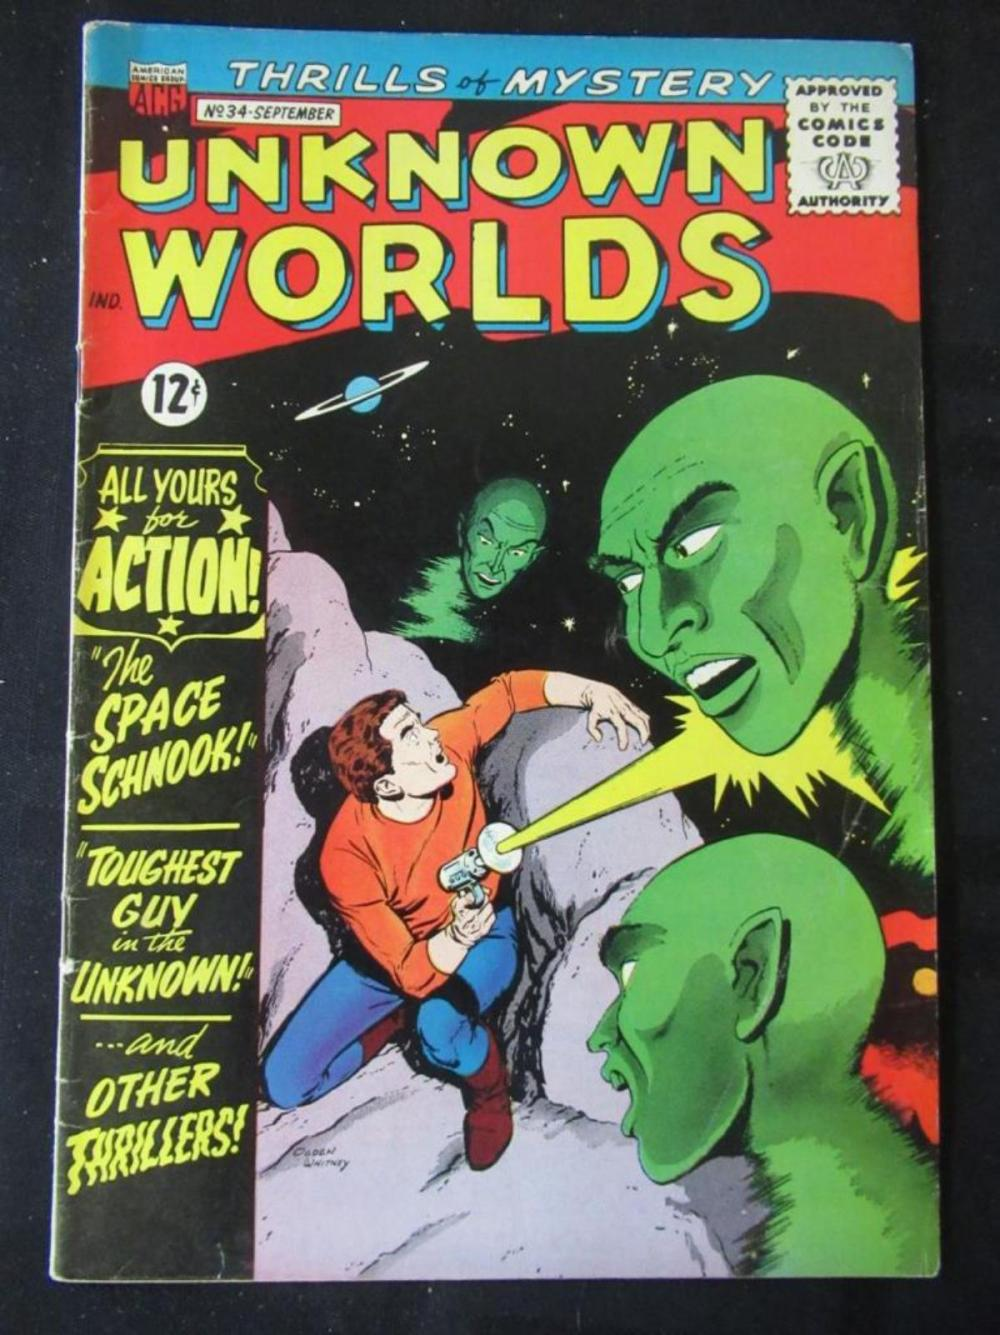 Unknown Worlds 12c #34